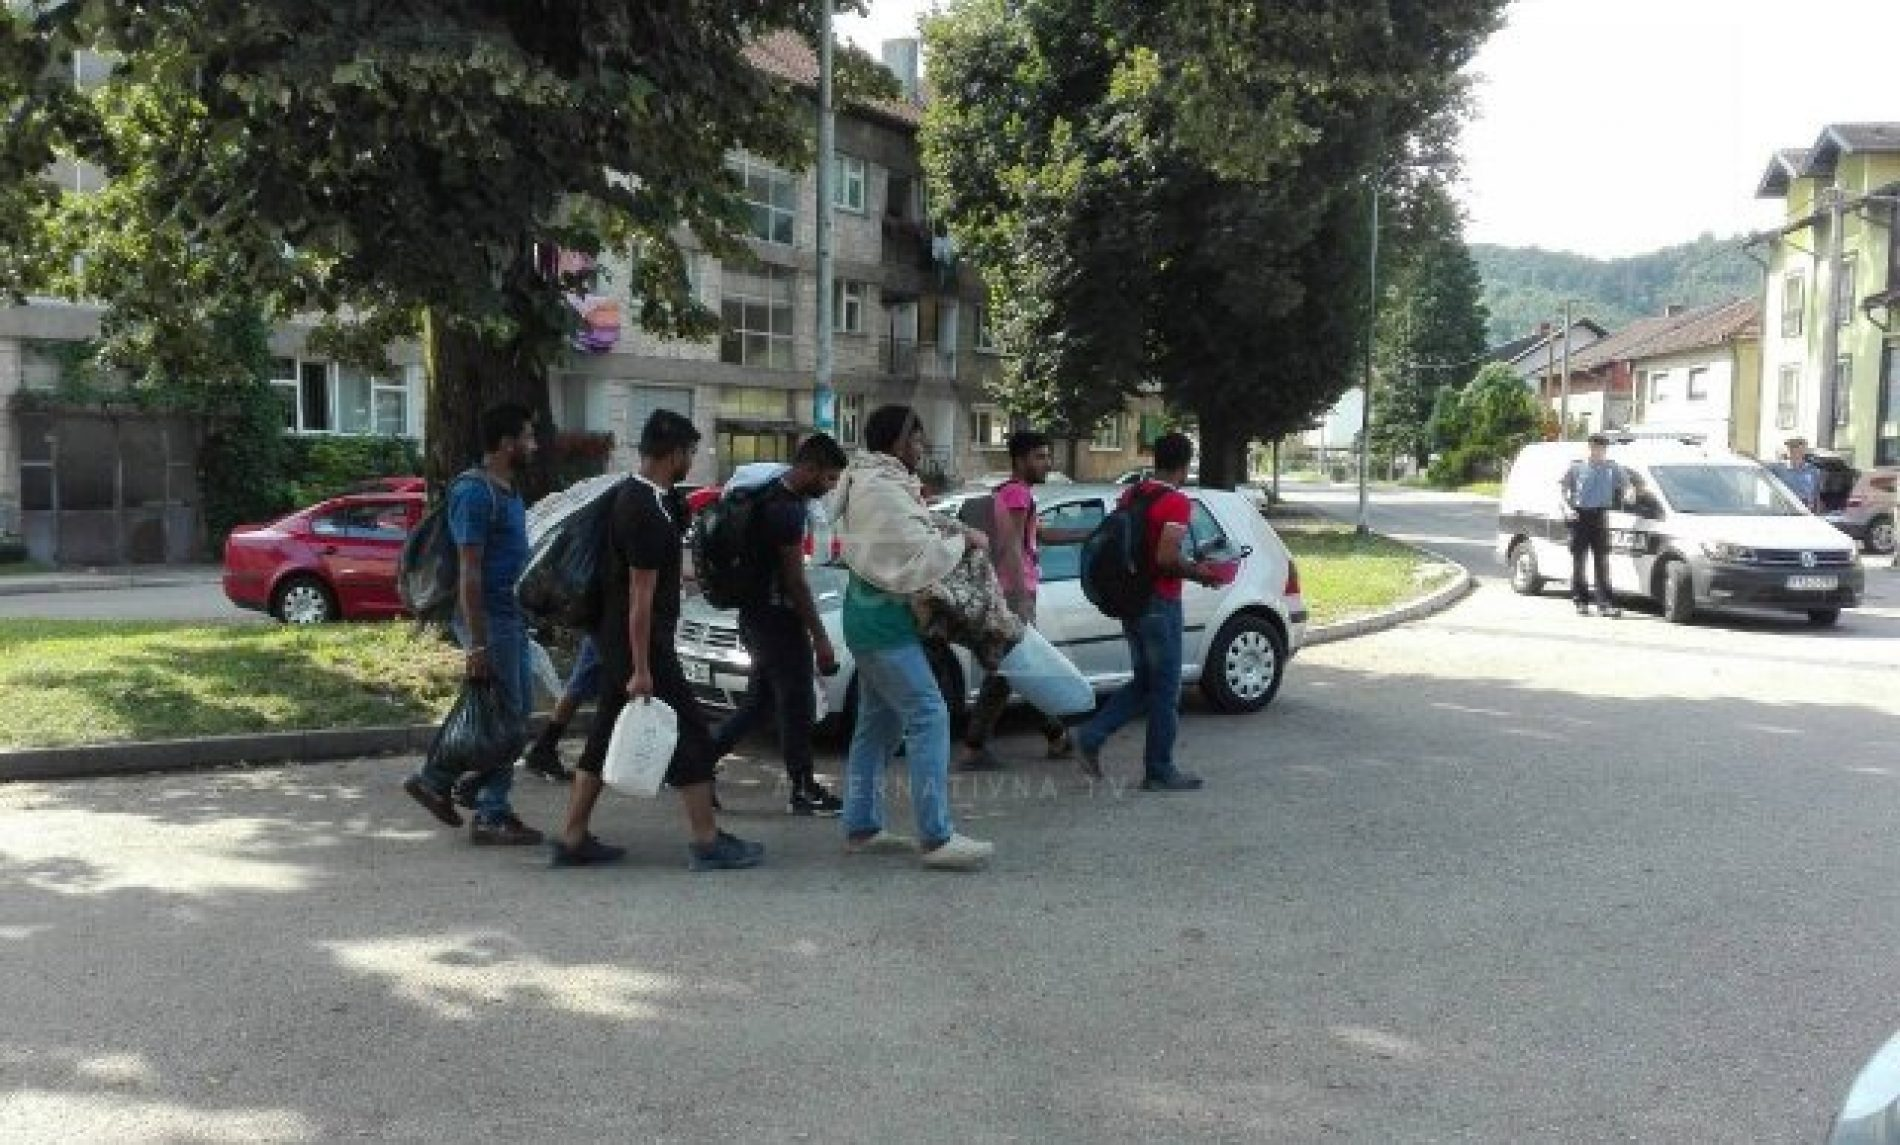 Jug zemlje: Uhapšeno 15 migranata, obradovalo ih saznanje da su u Bosni!